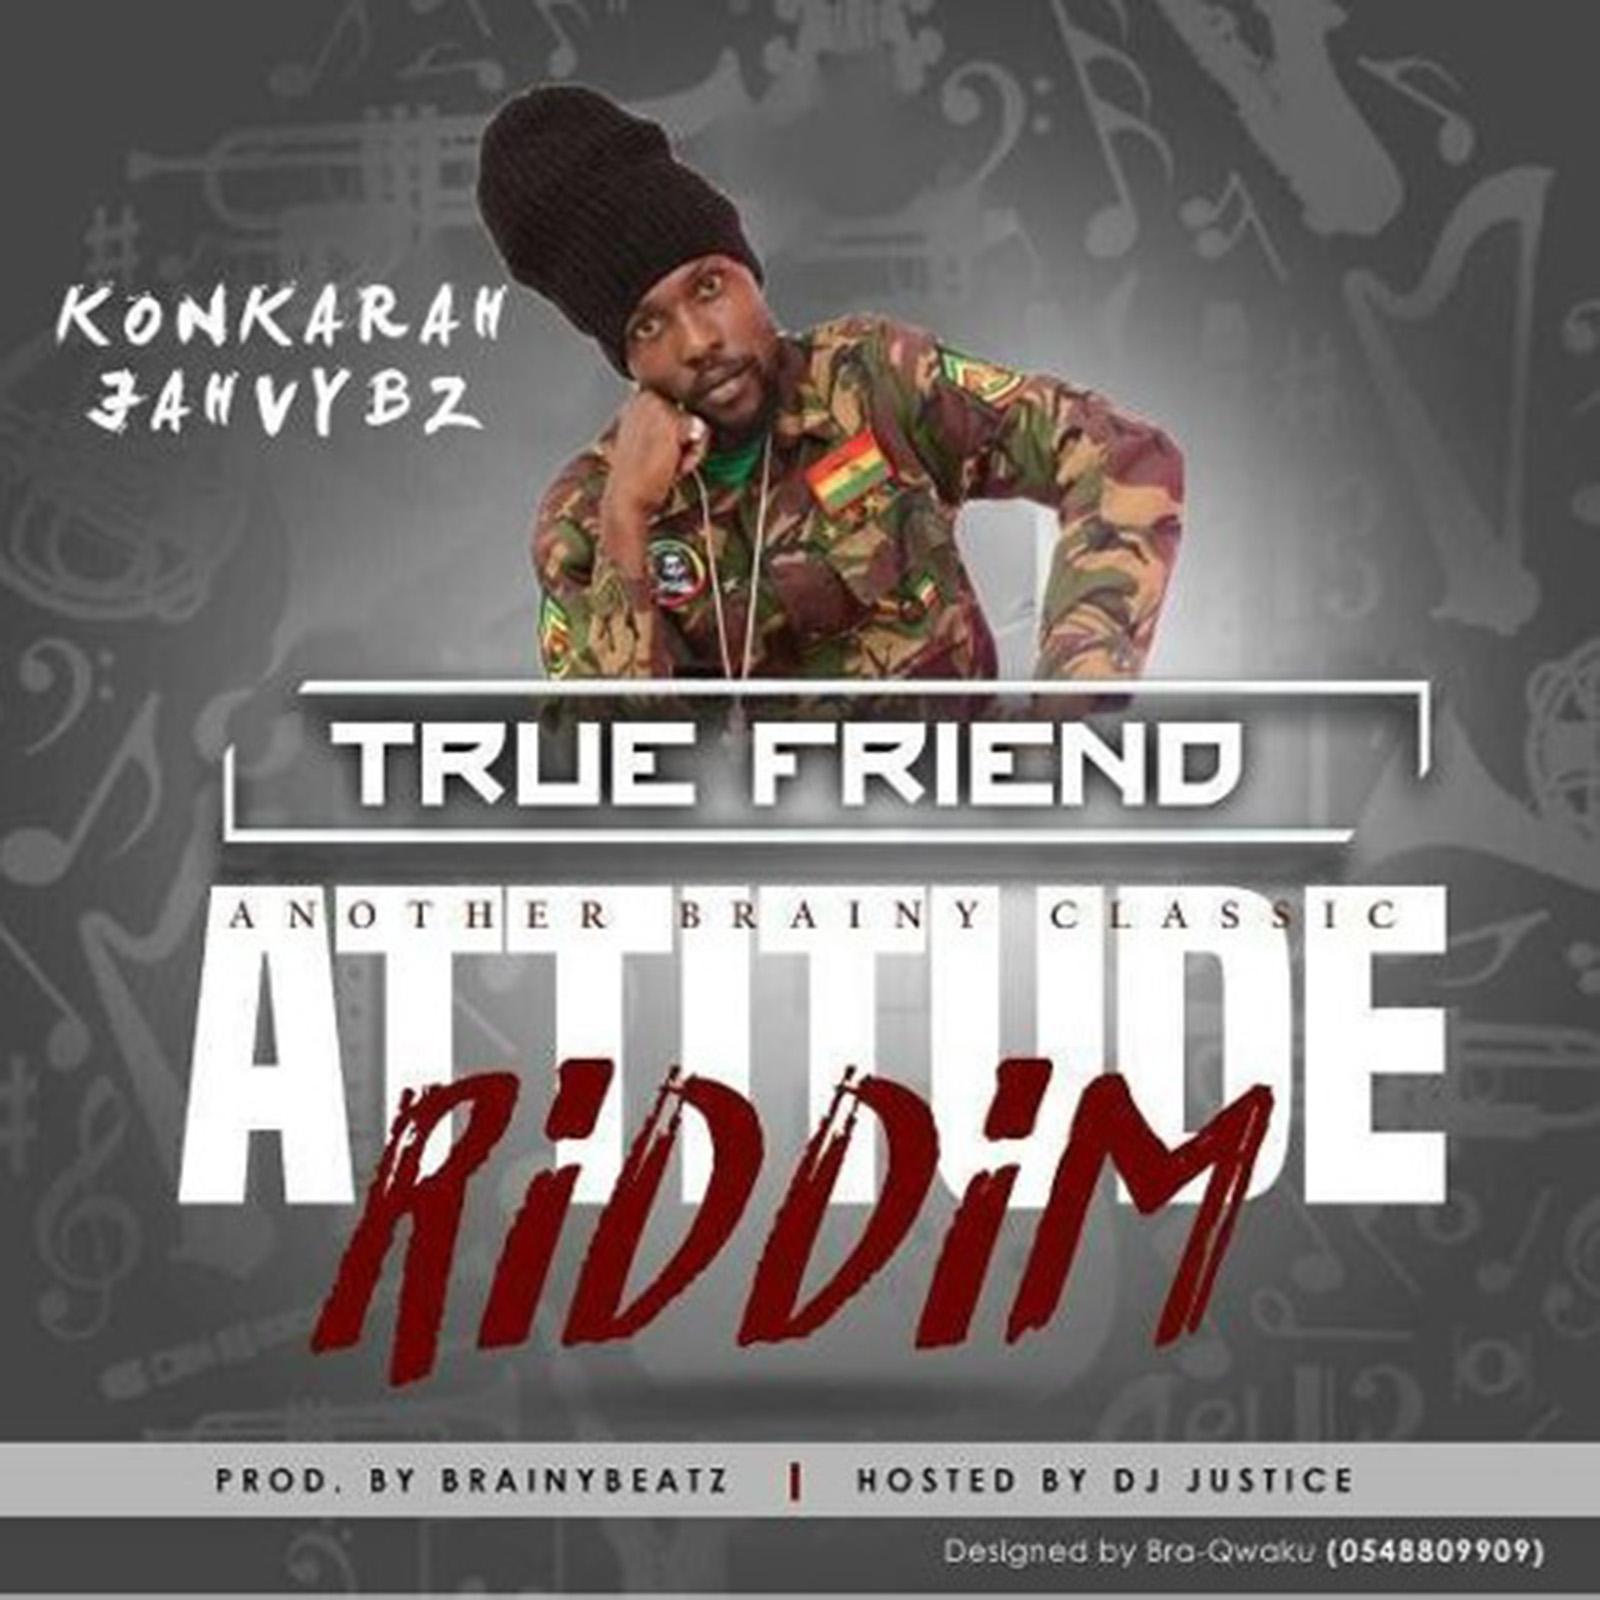 True Friend (Attitude Riddim) by Konkorah Jahvybz